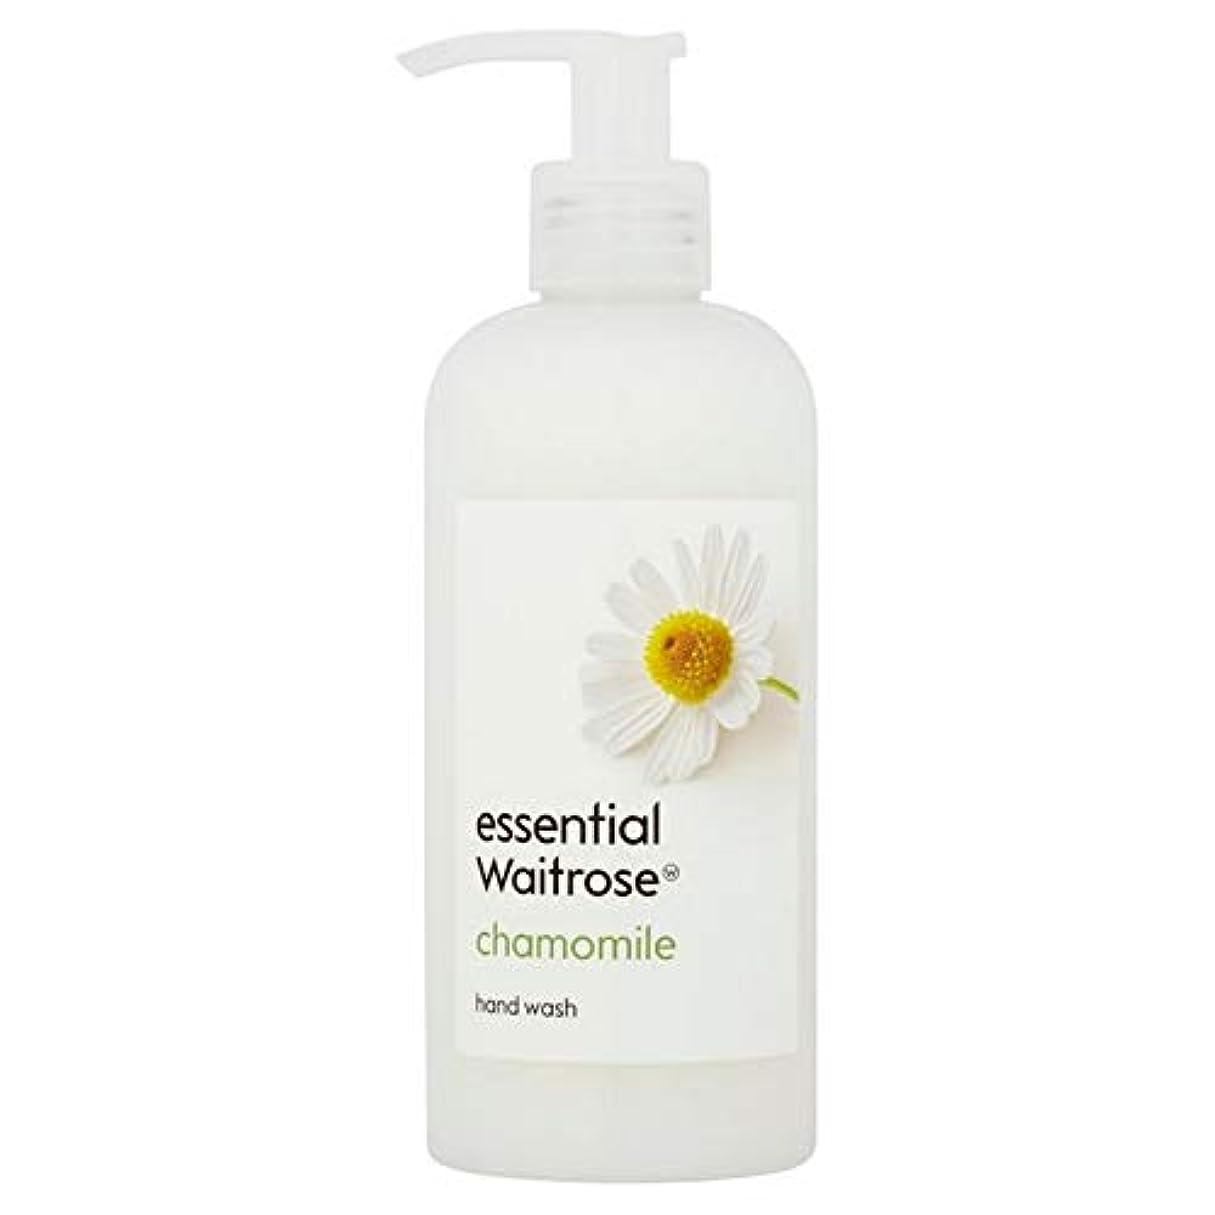 極めて書誌セント[Waitrose ] 基本的なウェイトローズのハンドウォッシュカモミール300ミリリットル - Essential Waitrose Hand Wash Chamomile 300ml [並行輸入品]